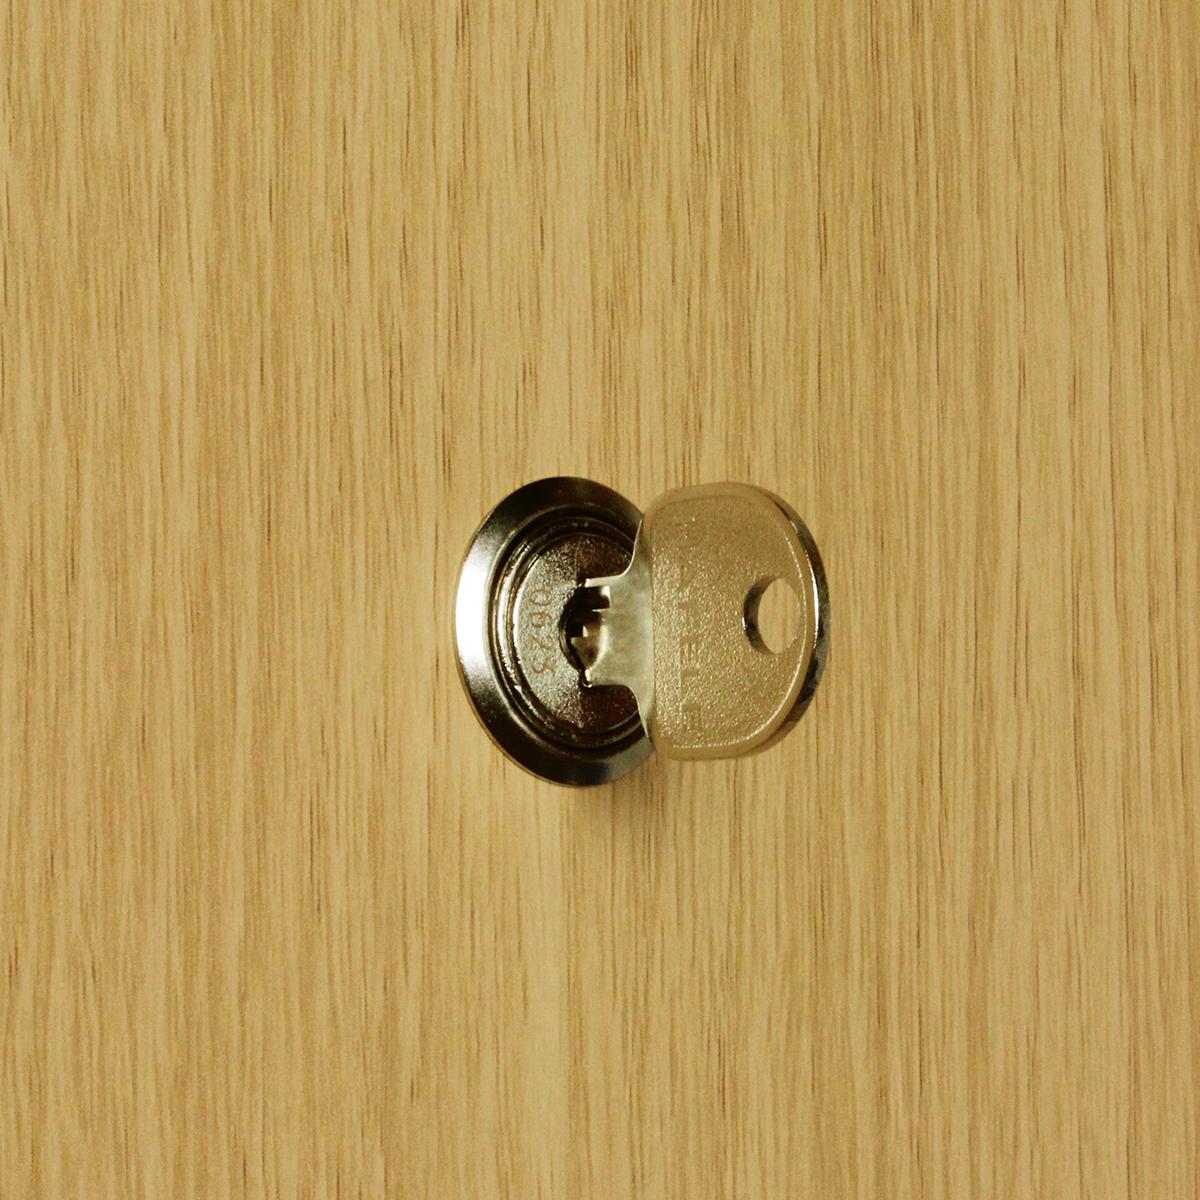 鍵付き収納で重要書類を安全に保管